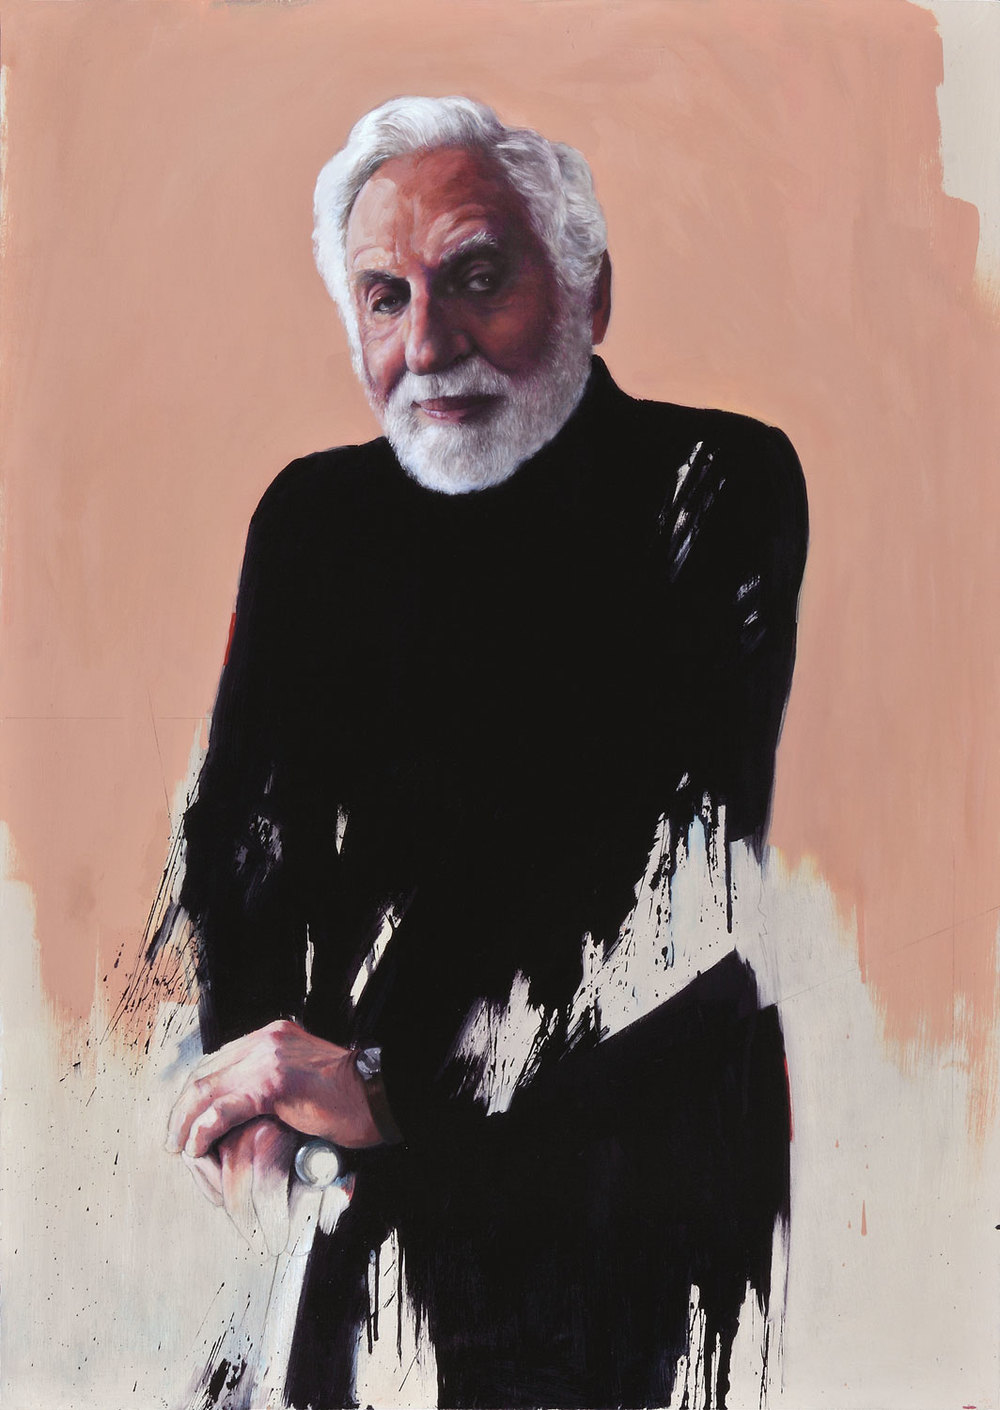 Dr. Carl Djerassi